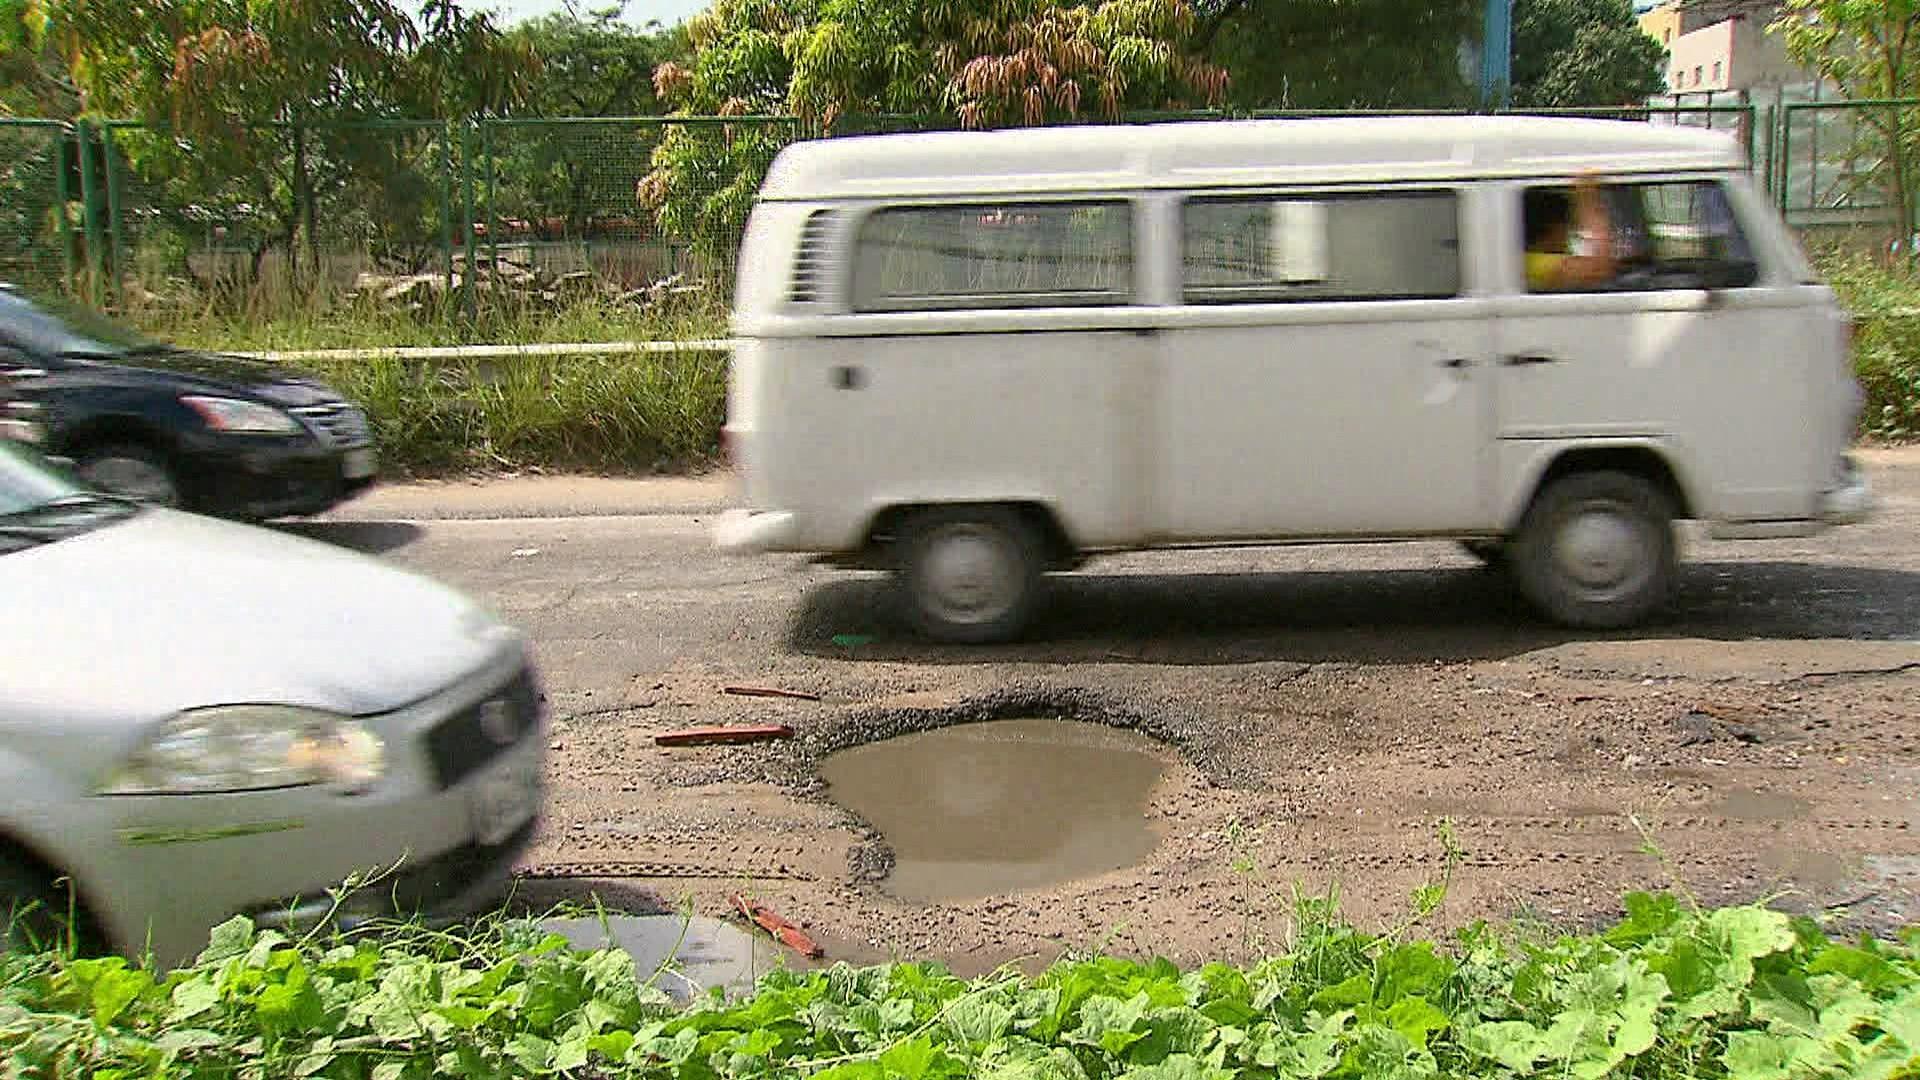 PE tem 94,9% das rodovias estaduais em estado regular, ruim ou péssimo, diz CNT - Radio Evangelho Gospel